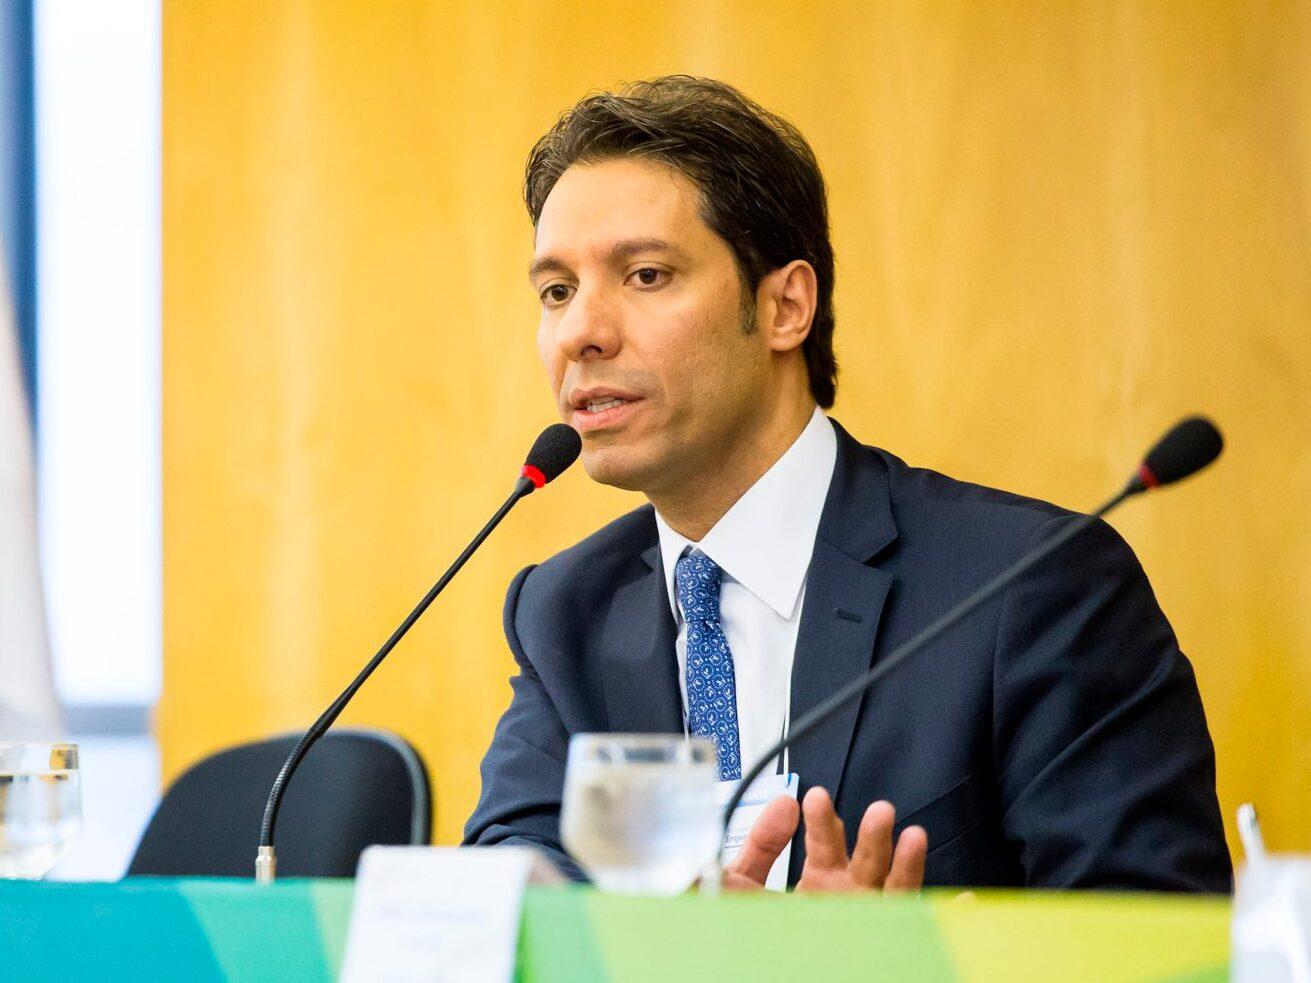 Fernando Vernalha apresenta propostas à Câmara dos Deputados para a atualização do regime de licitações e contratos